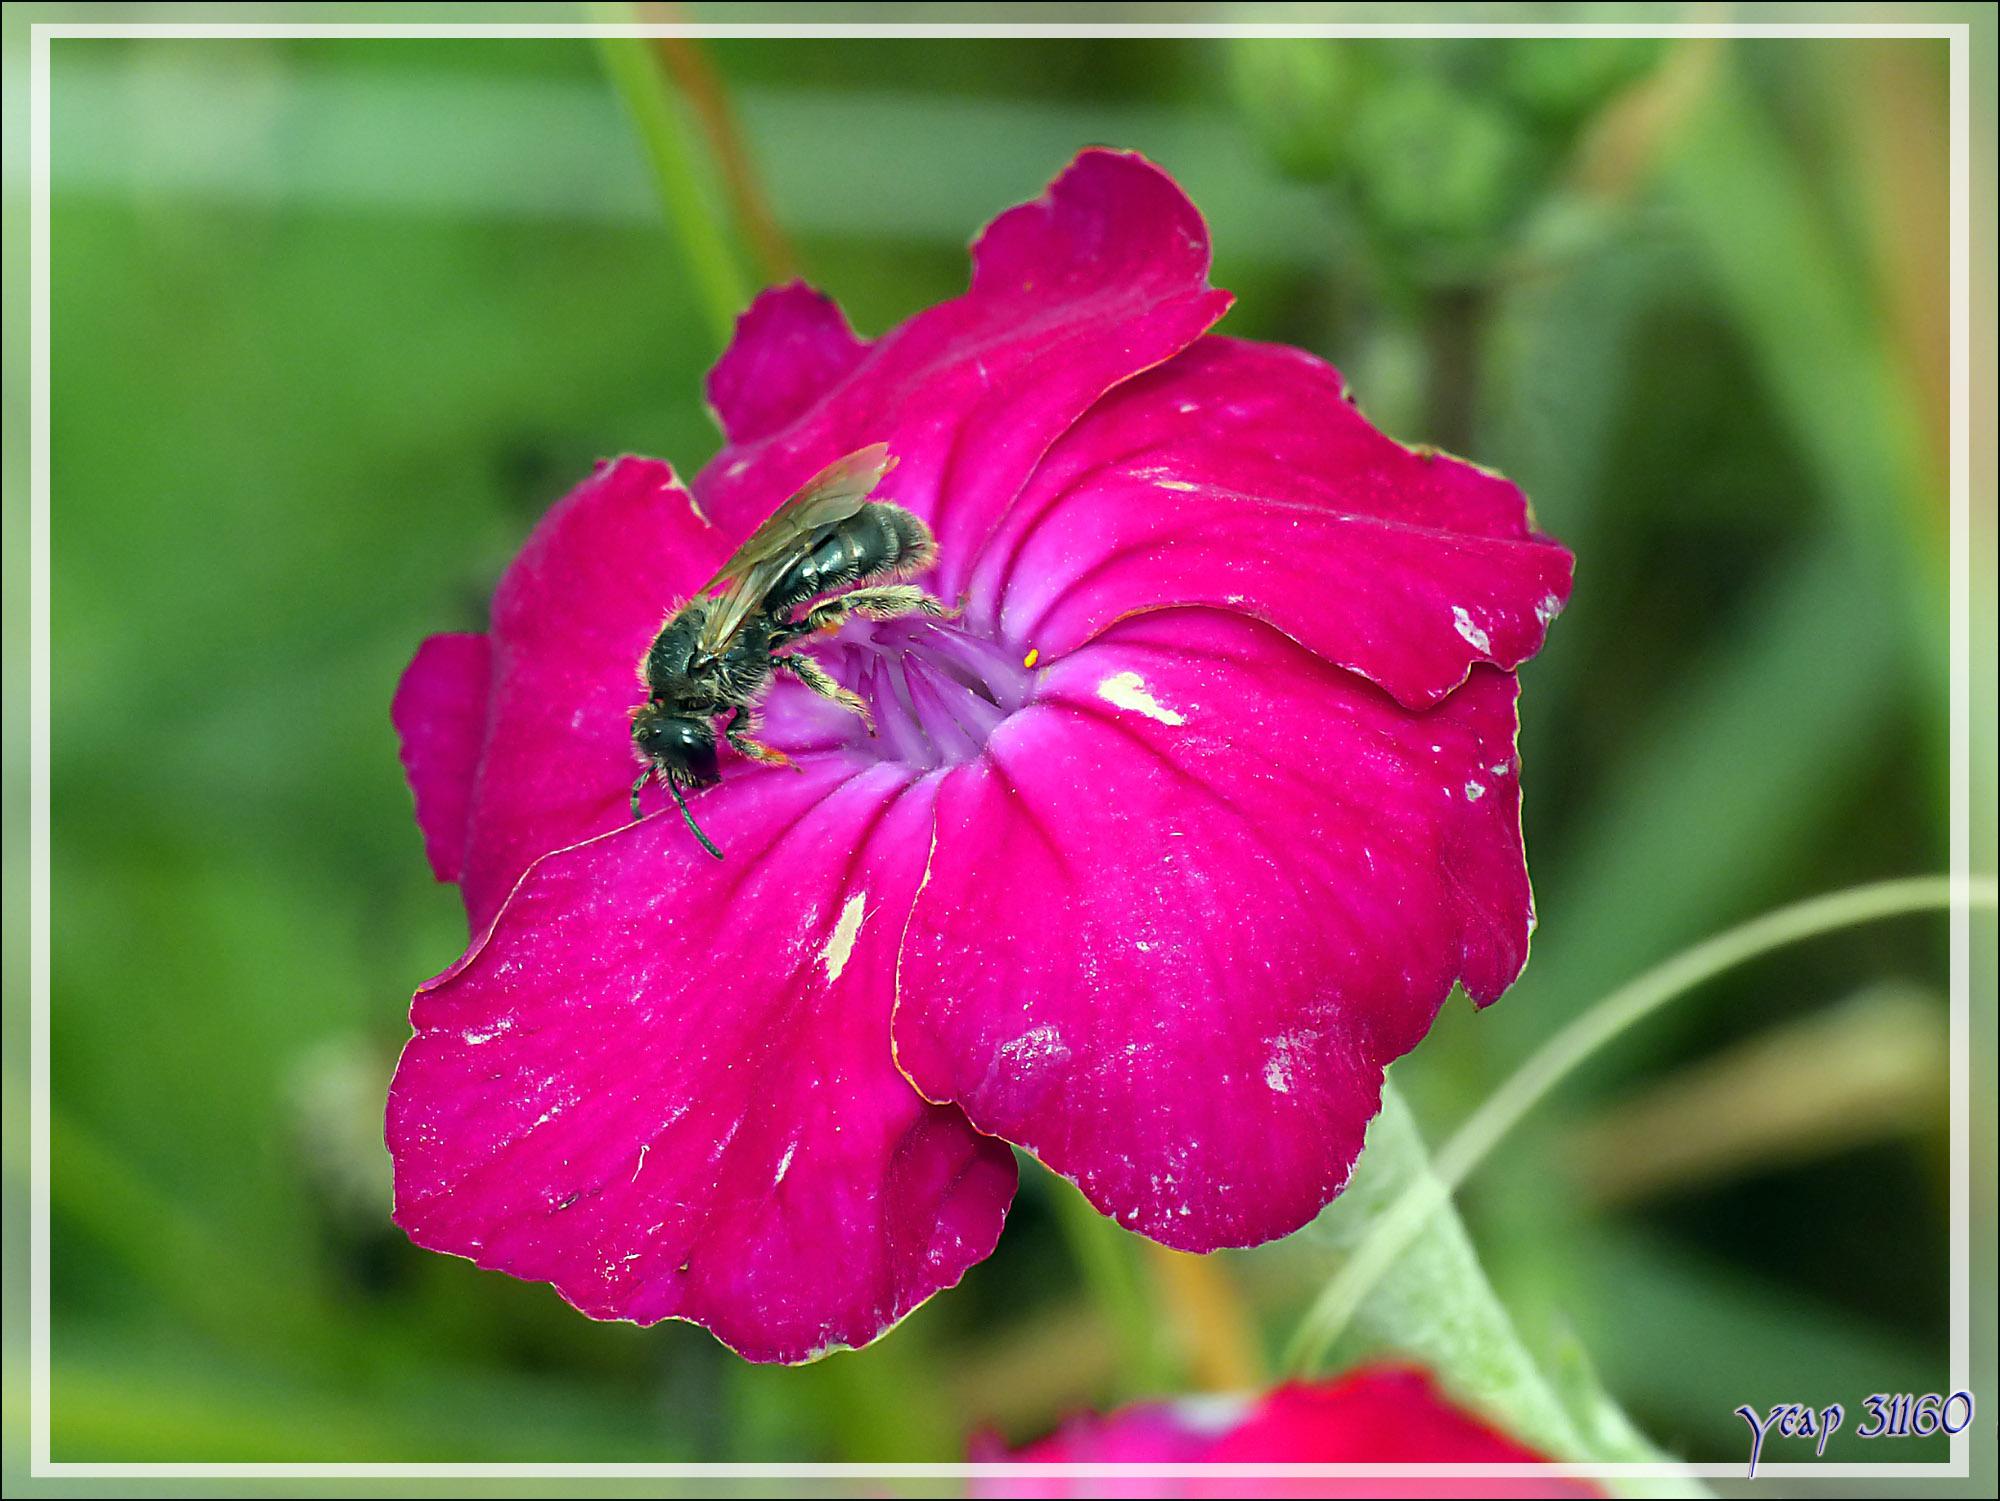 Fleur domestique ensauvagée sur la dune ? - La Couarde-sur-Mer - Île de Ré - 17